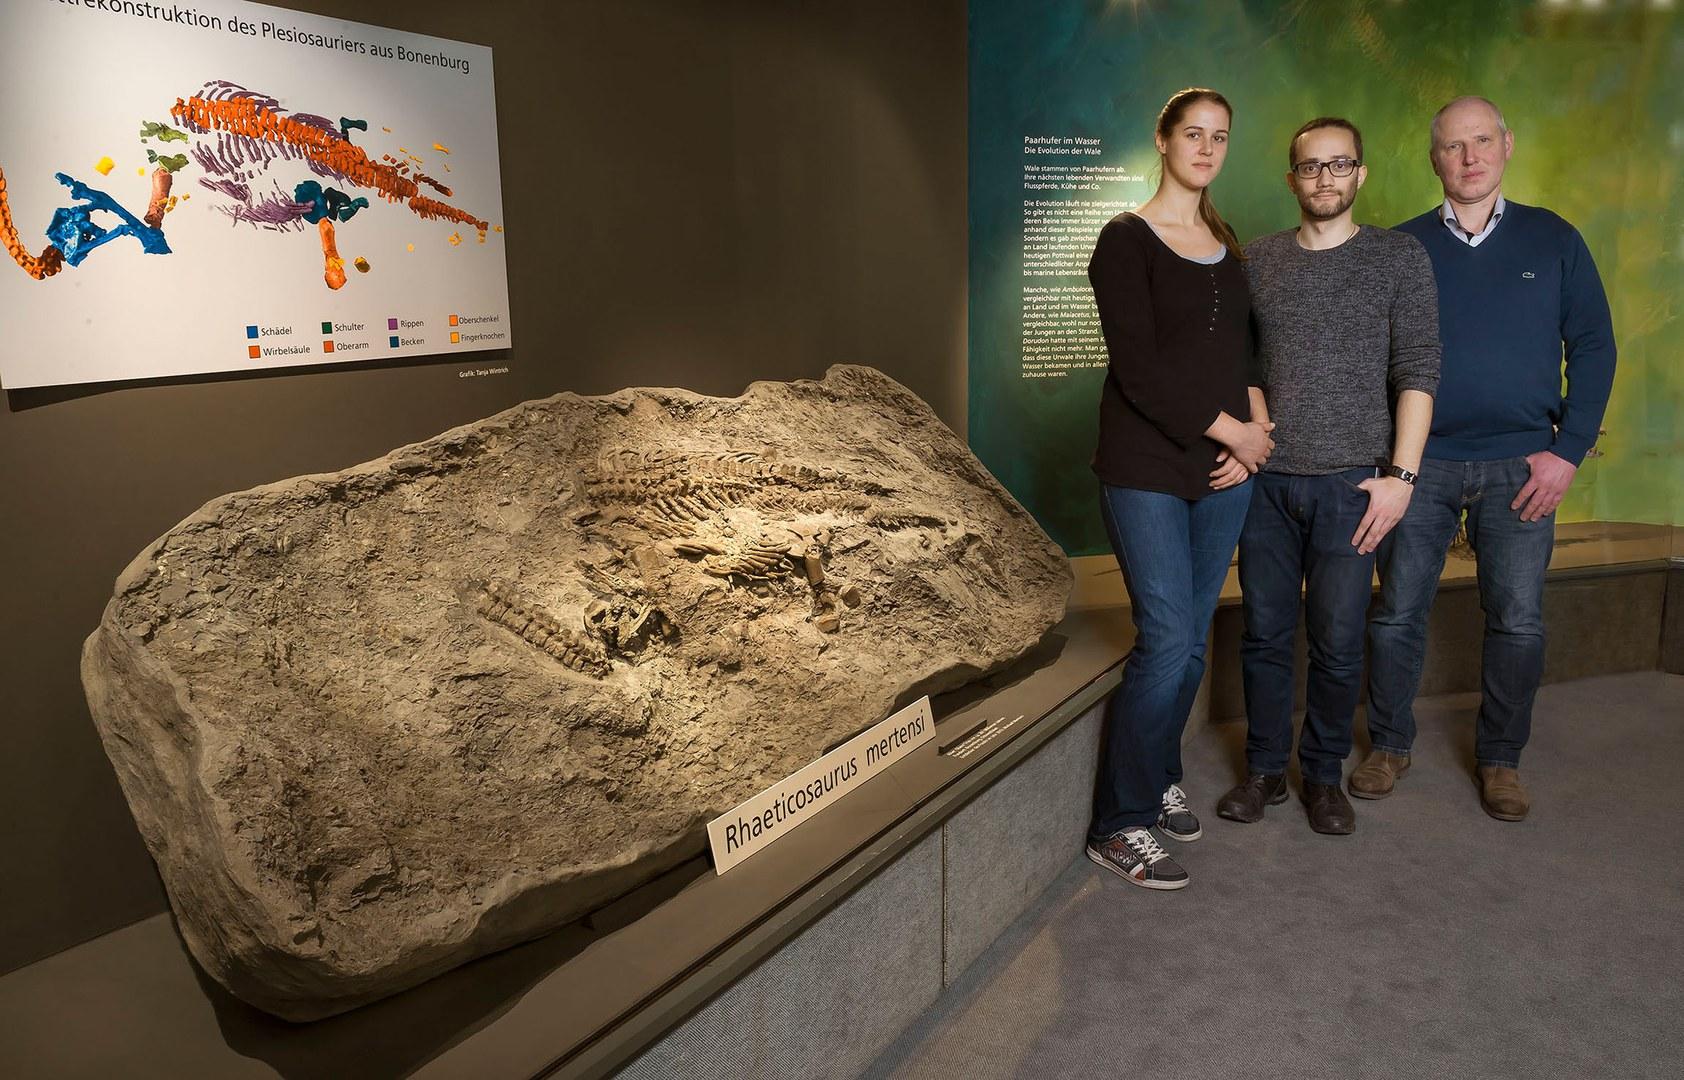 Paleontologist Tanja Wintrich from the University of Bonn,